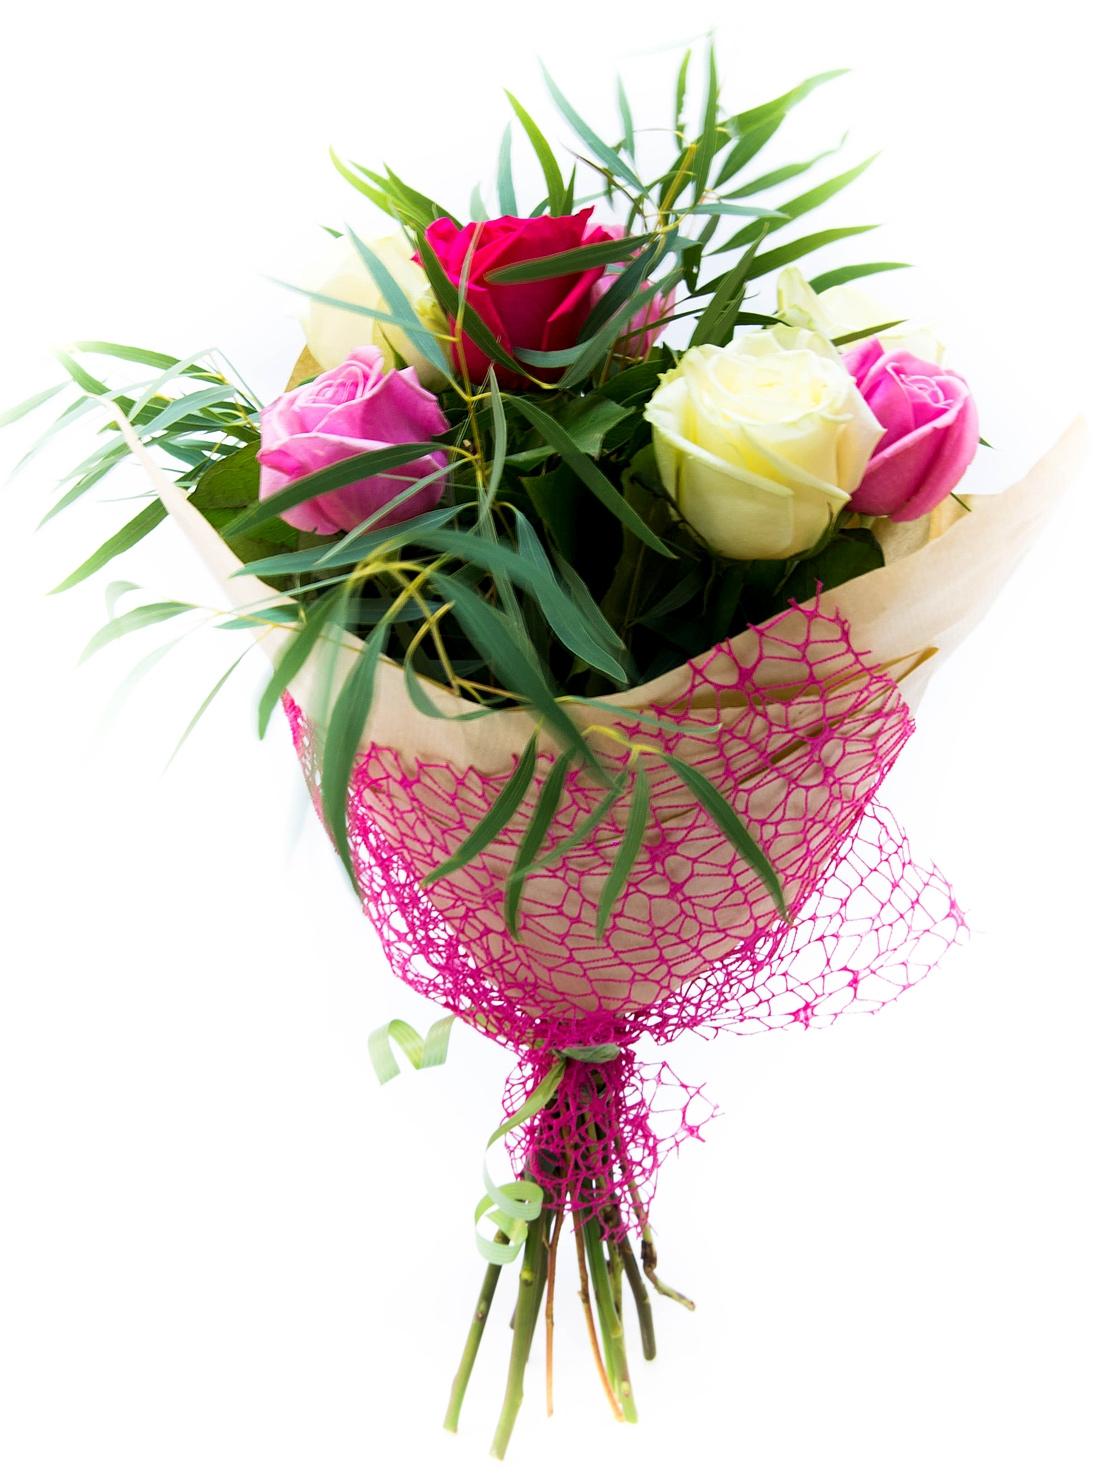 картинки скромный букет цветов его пологих